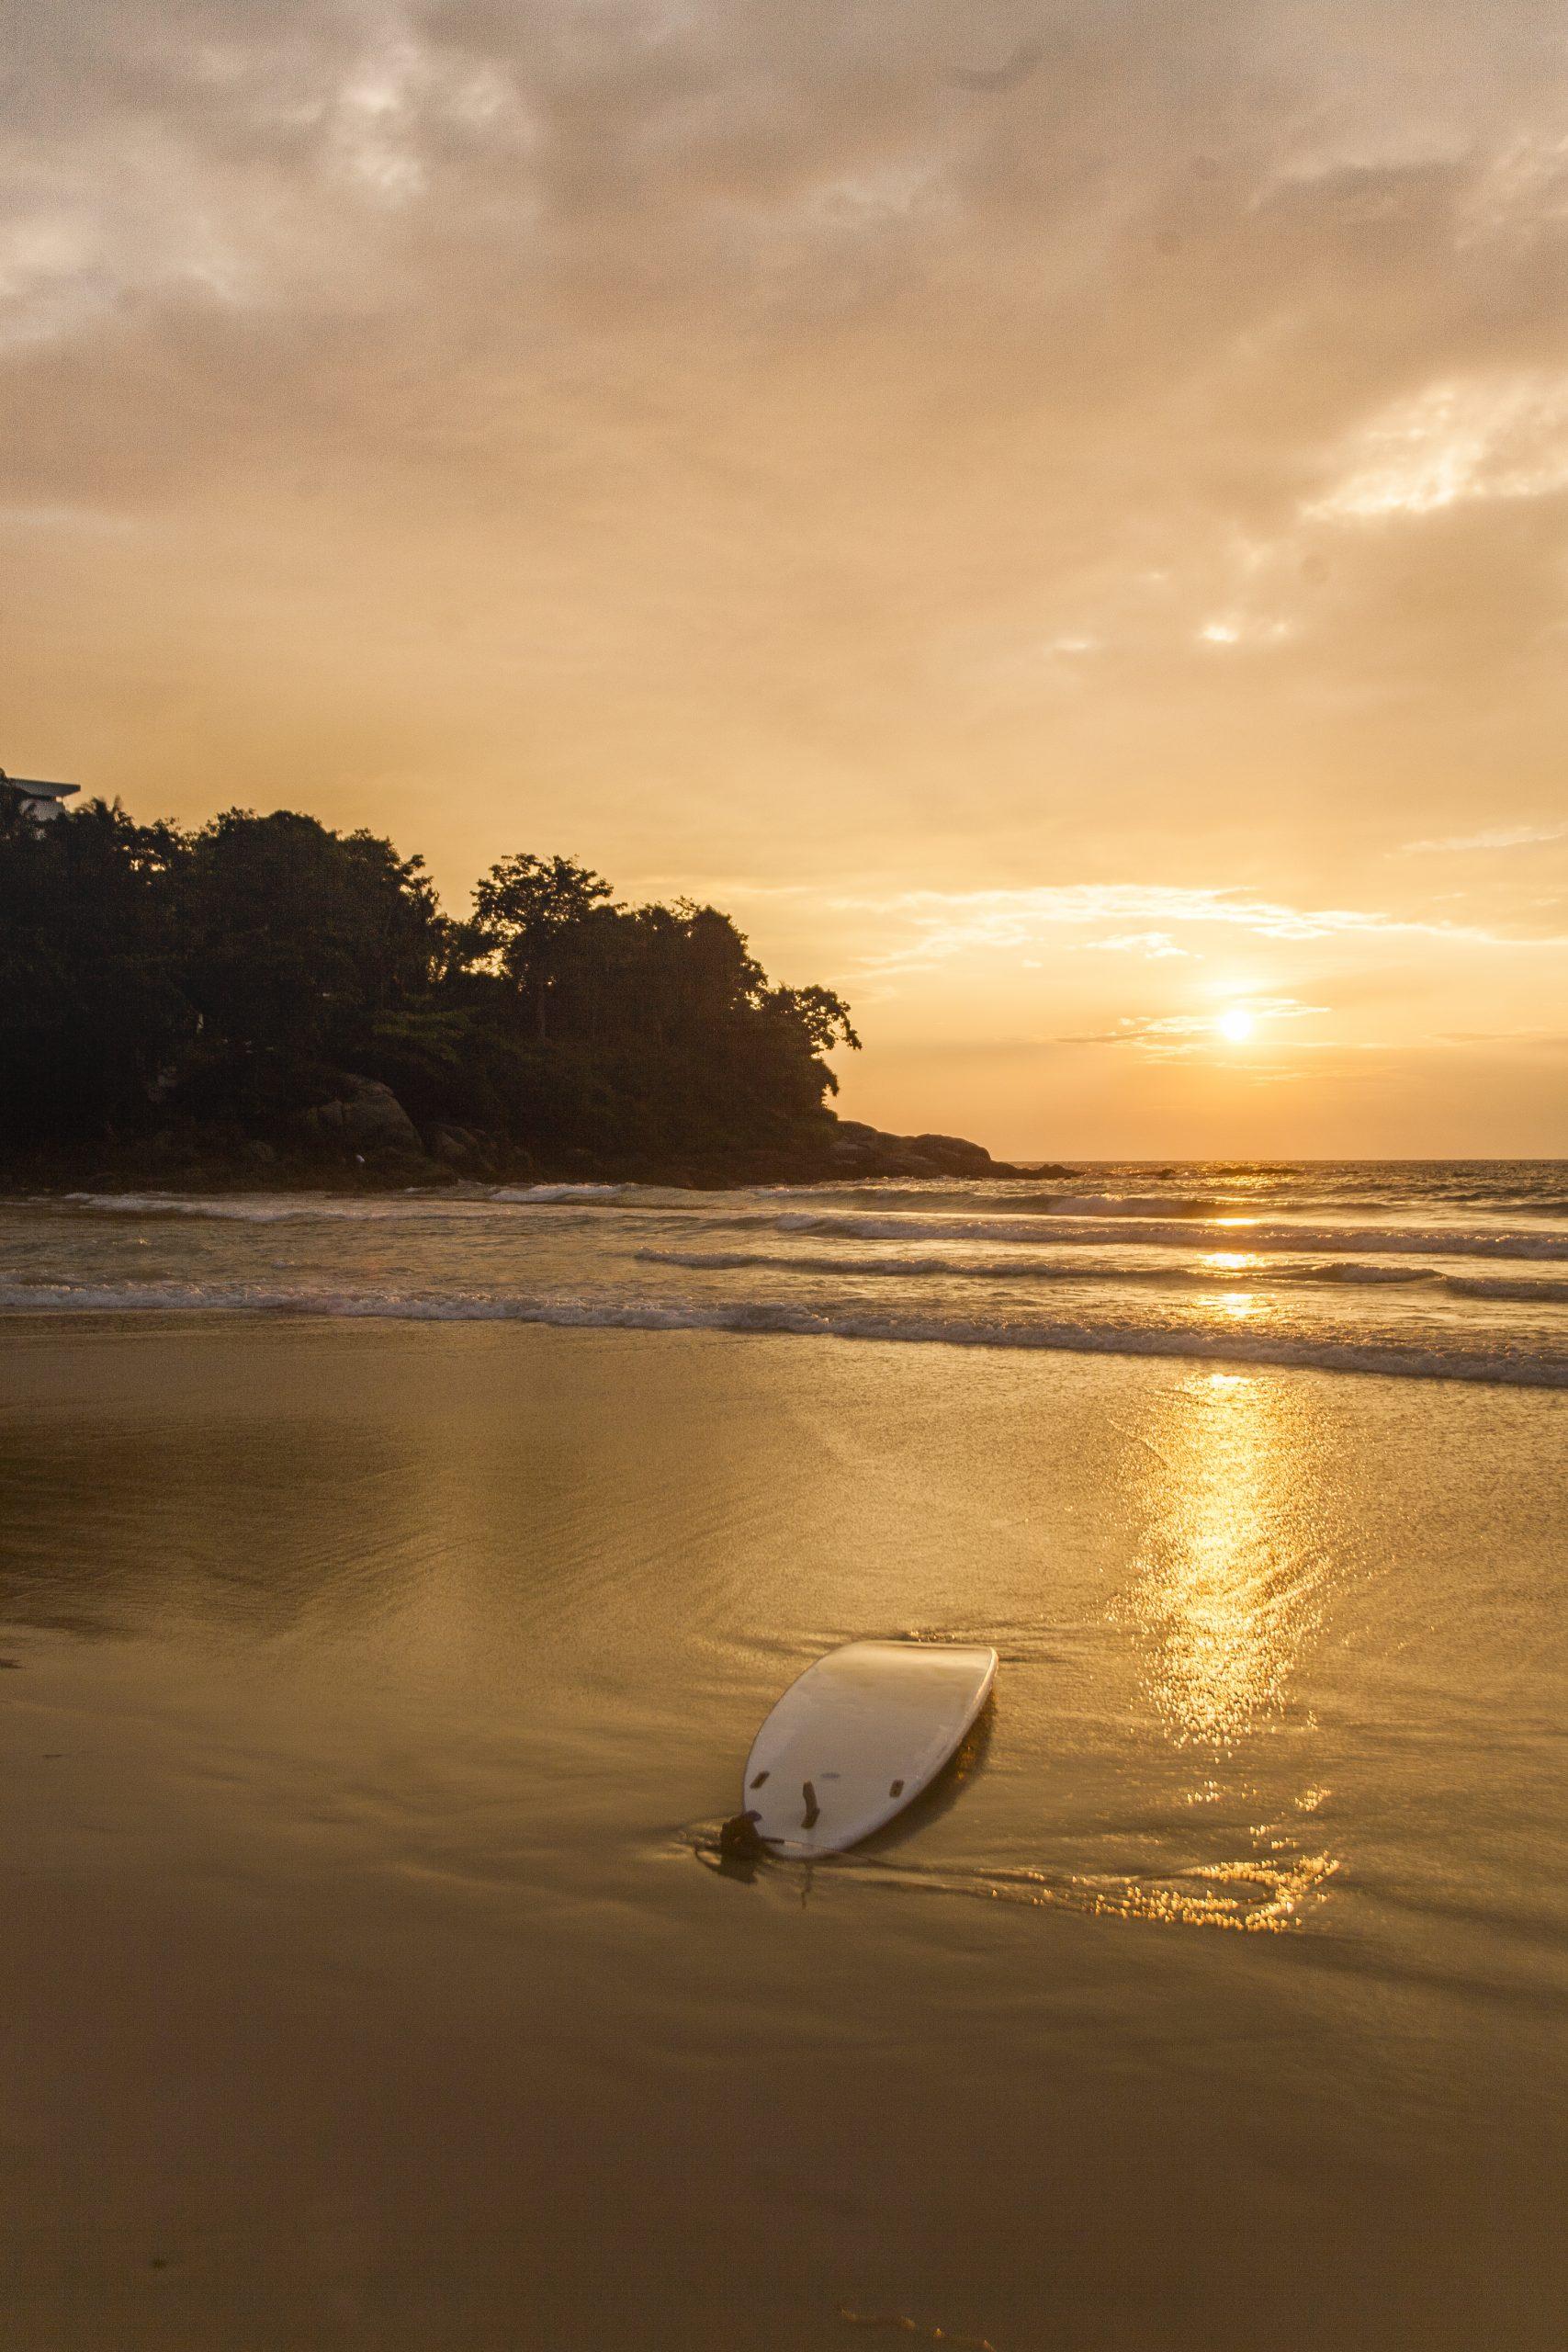 Surfboard on a Beach in Bali